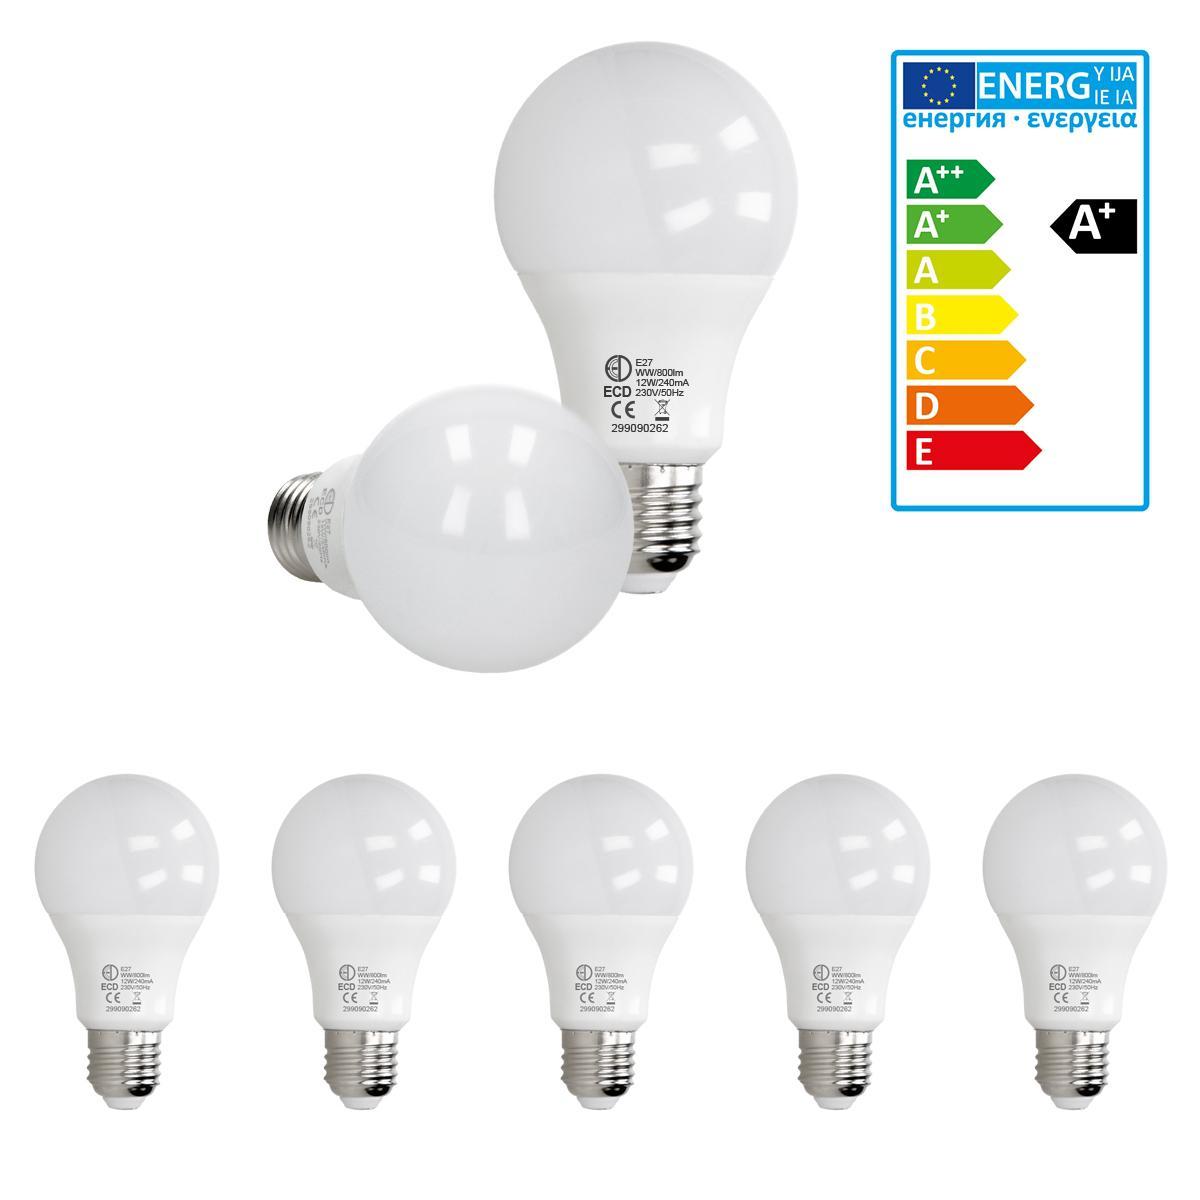 Ecd Germany ECD Germany 5 pièces de 12W E27 LED ampoule | 3000 Kelvin | Angle de faisceau 270 ° | 800 lumens | Blanc chaud | 220-240